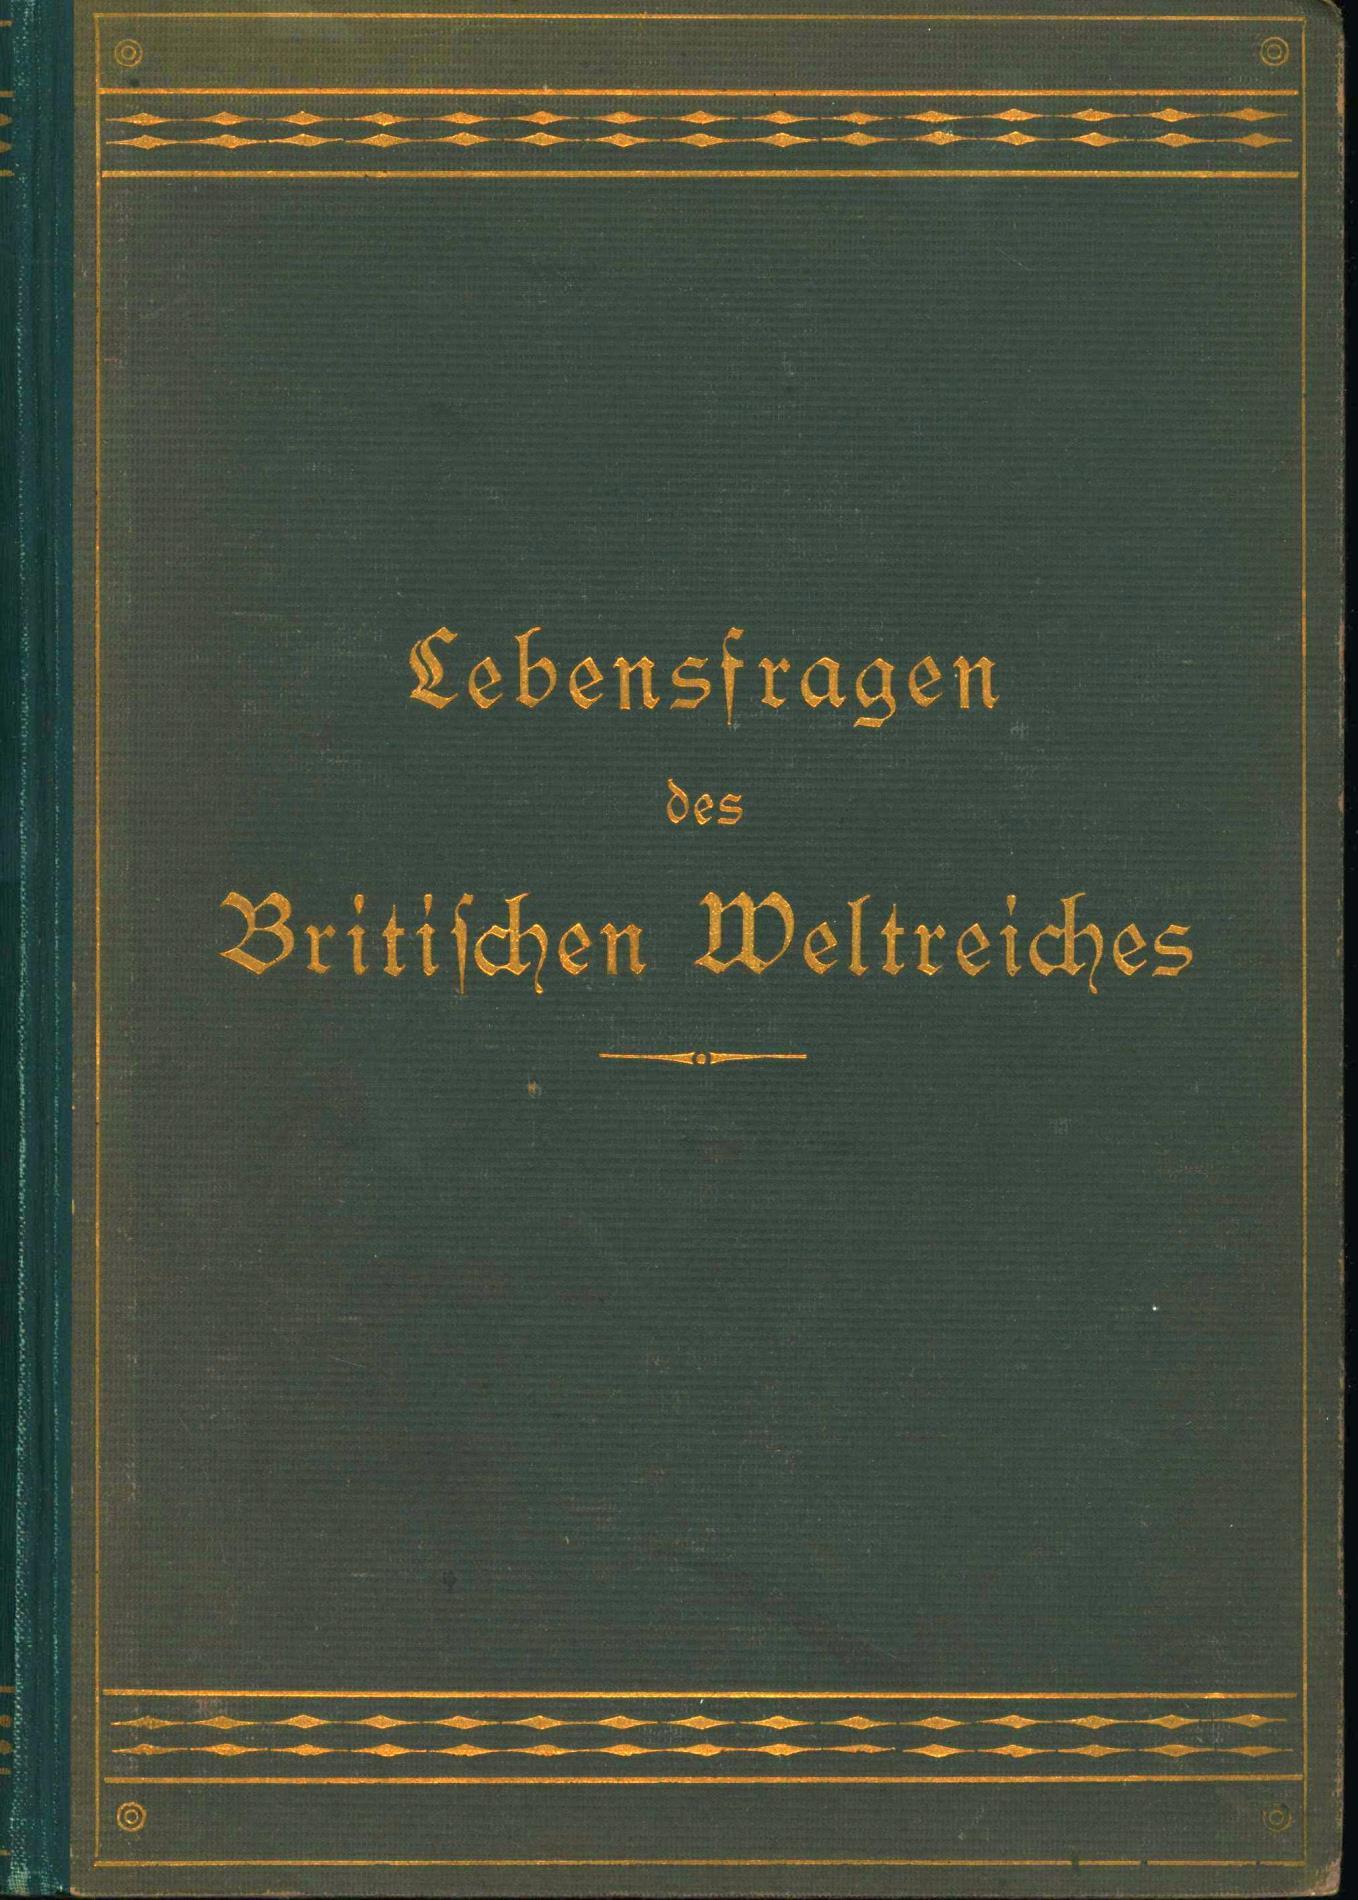 Lebensfragen des Britischen Weltreiches / behandelt von: Universitat Berlin. Beirat